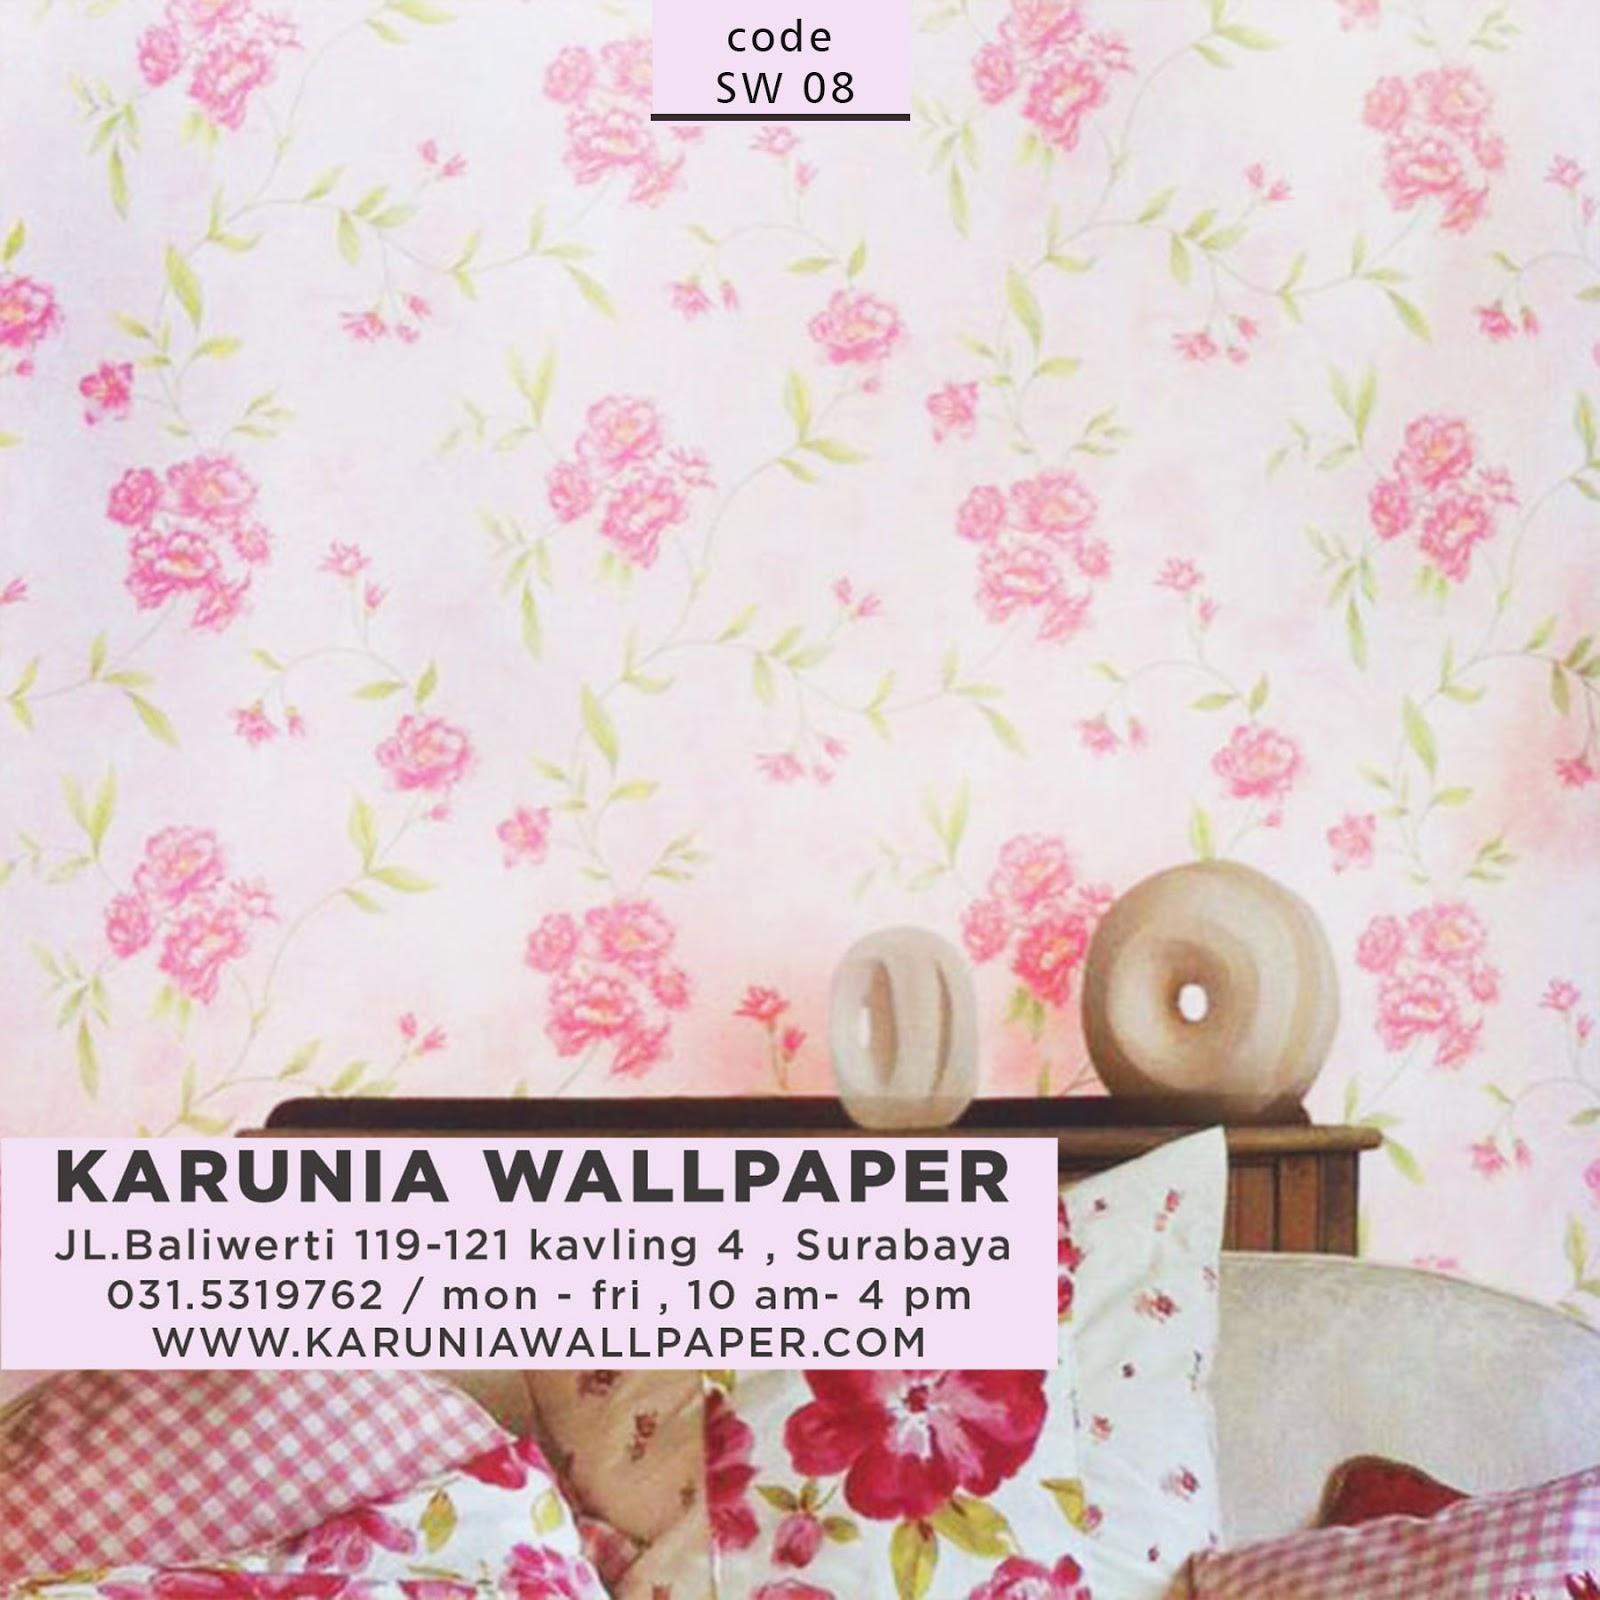 Hiasan Dinding Rumah Shabby Chic Contoh Gambar Wallpaper Dinding Motif Bunga 1600x1600 Download Hd Wallpaper Wallpapertip